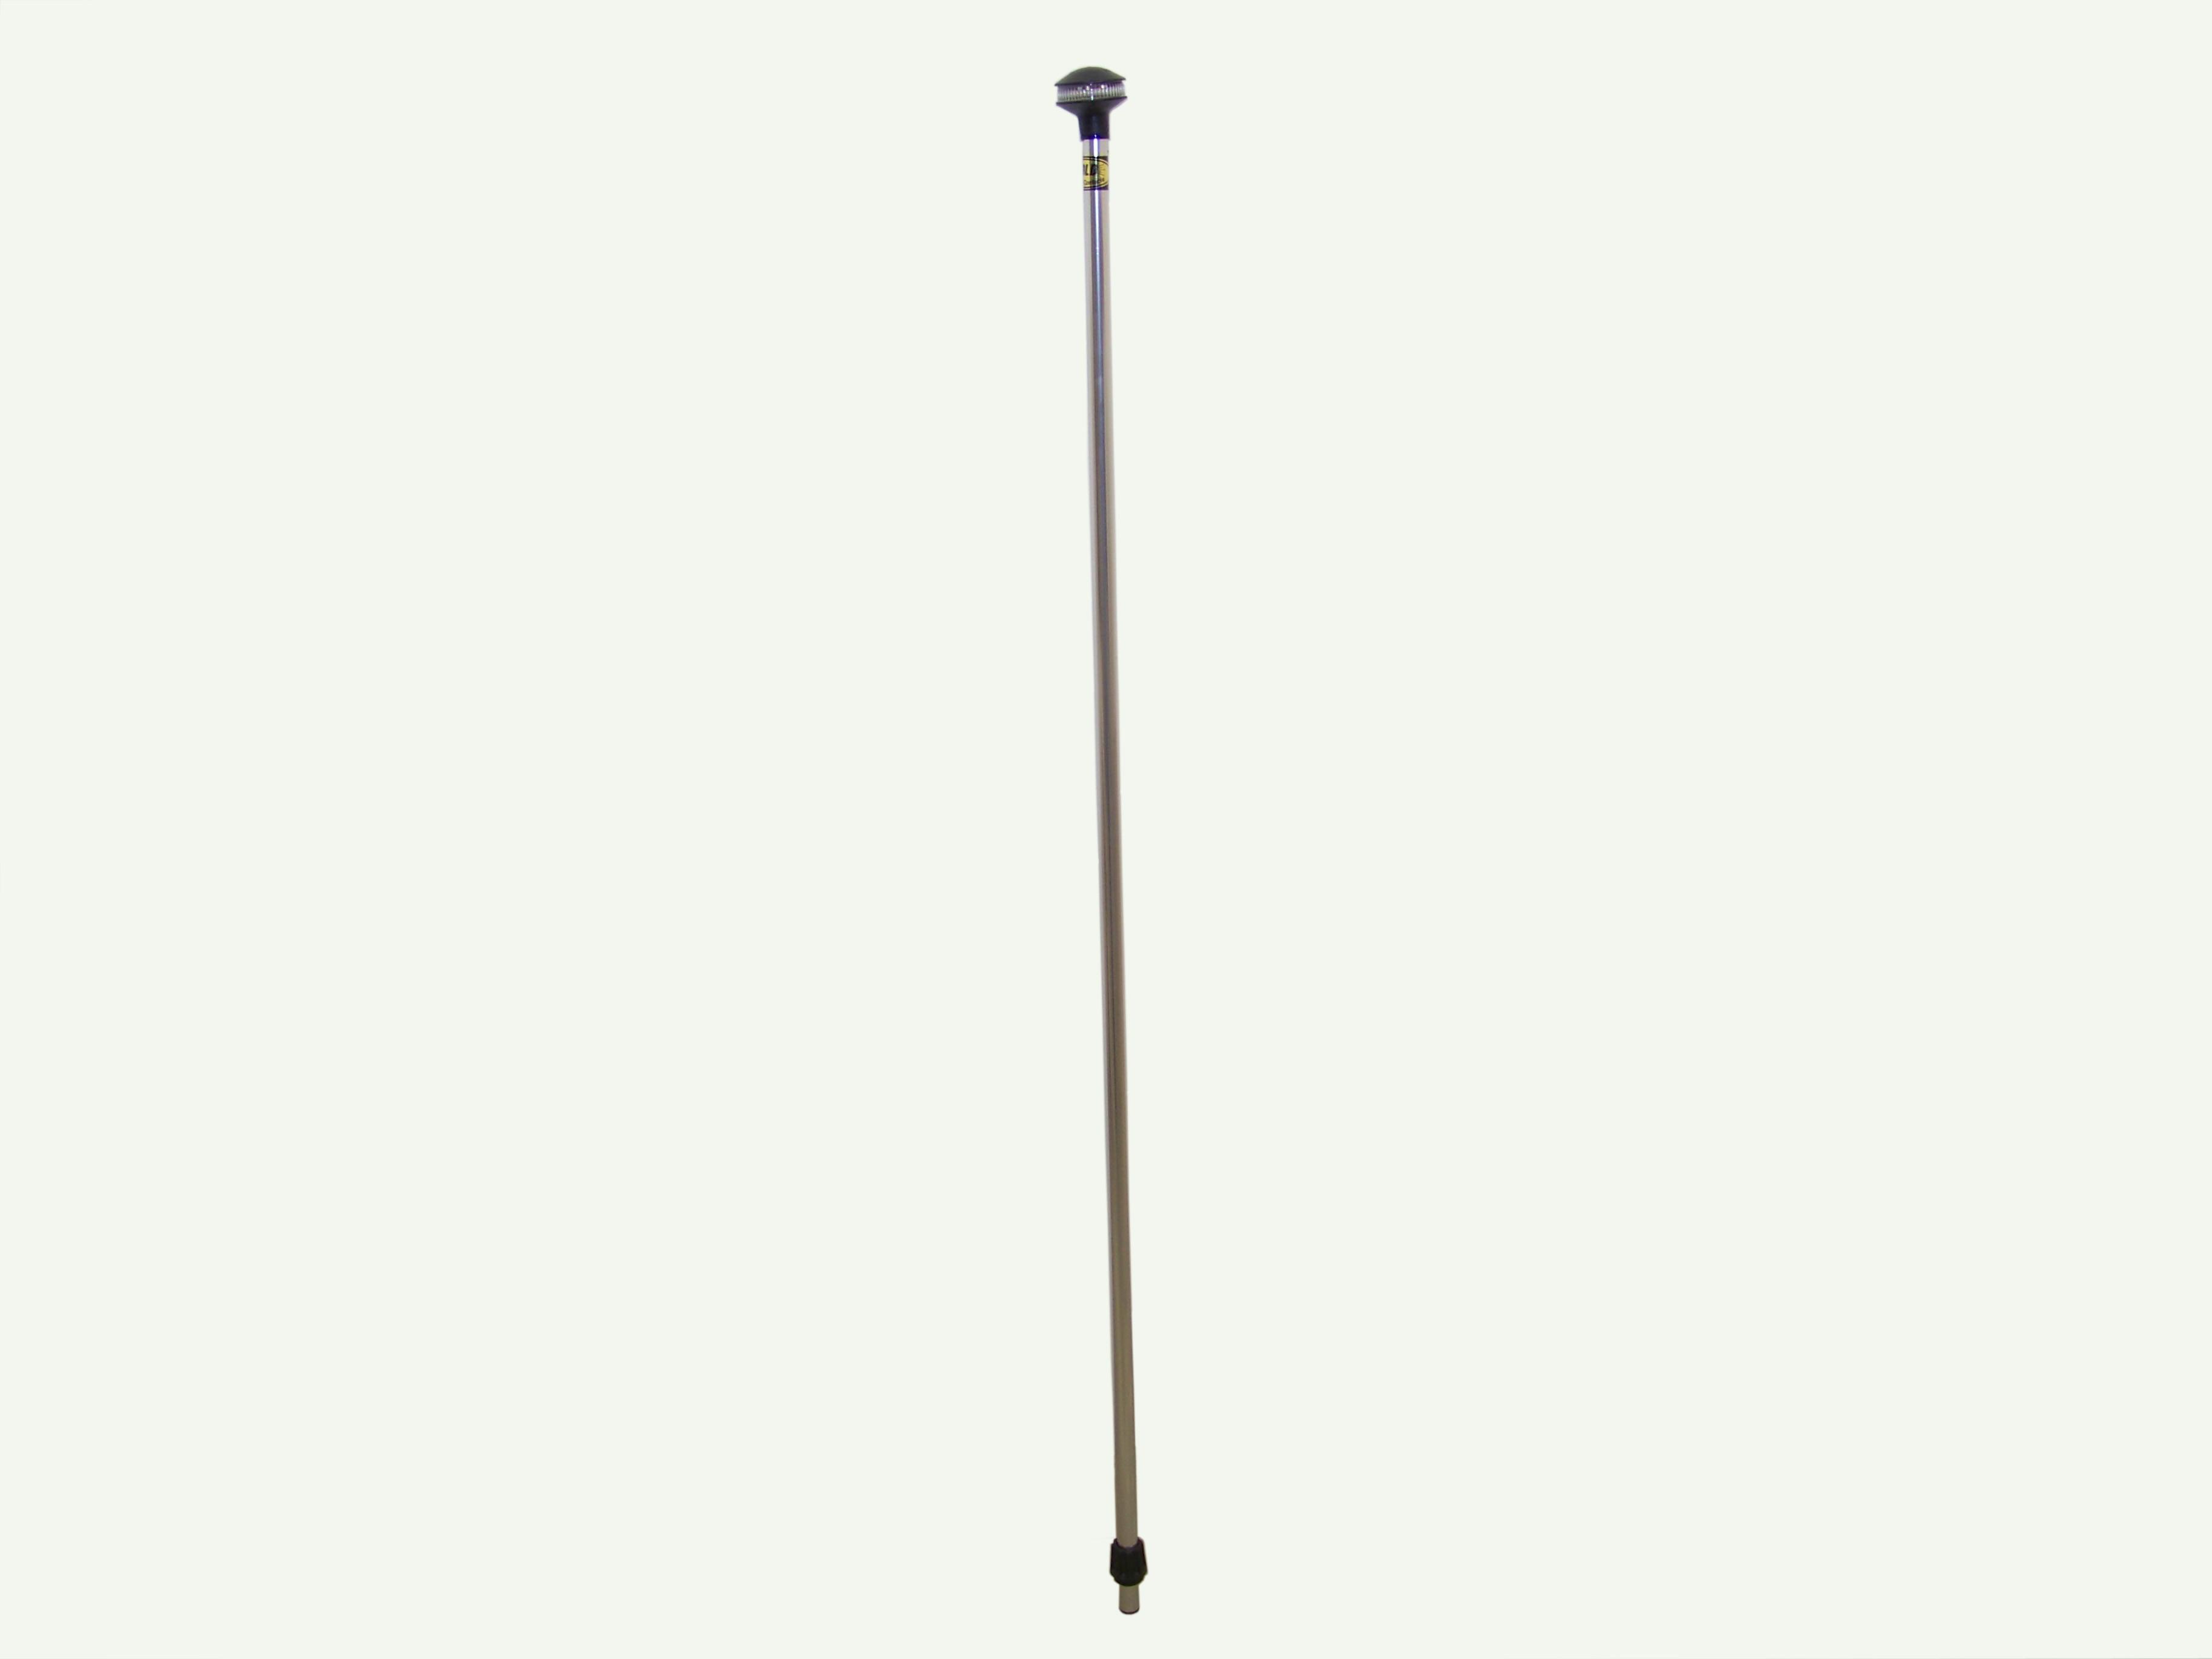 Tall Runabout-Cruiser Stern Light